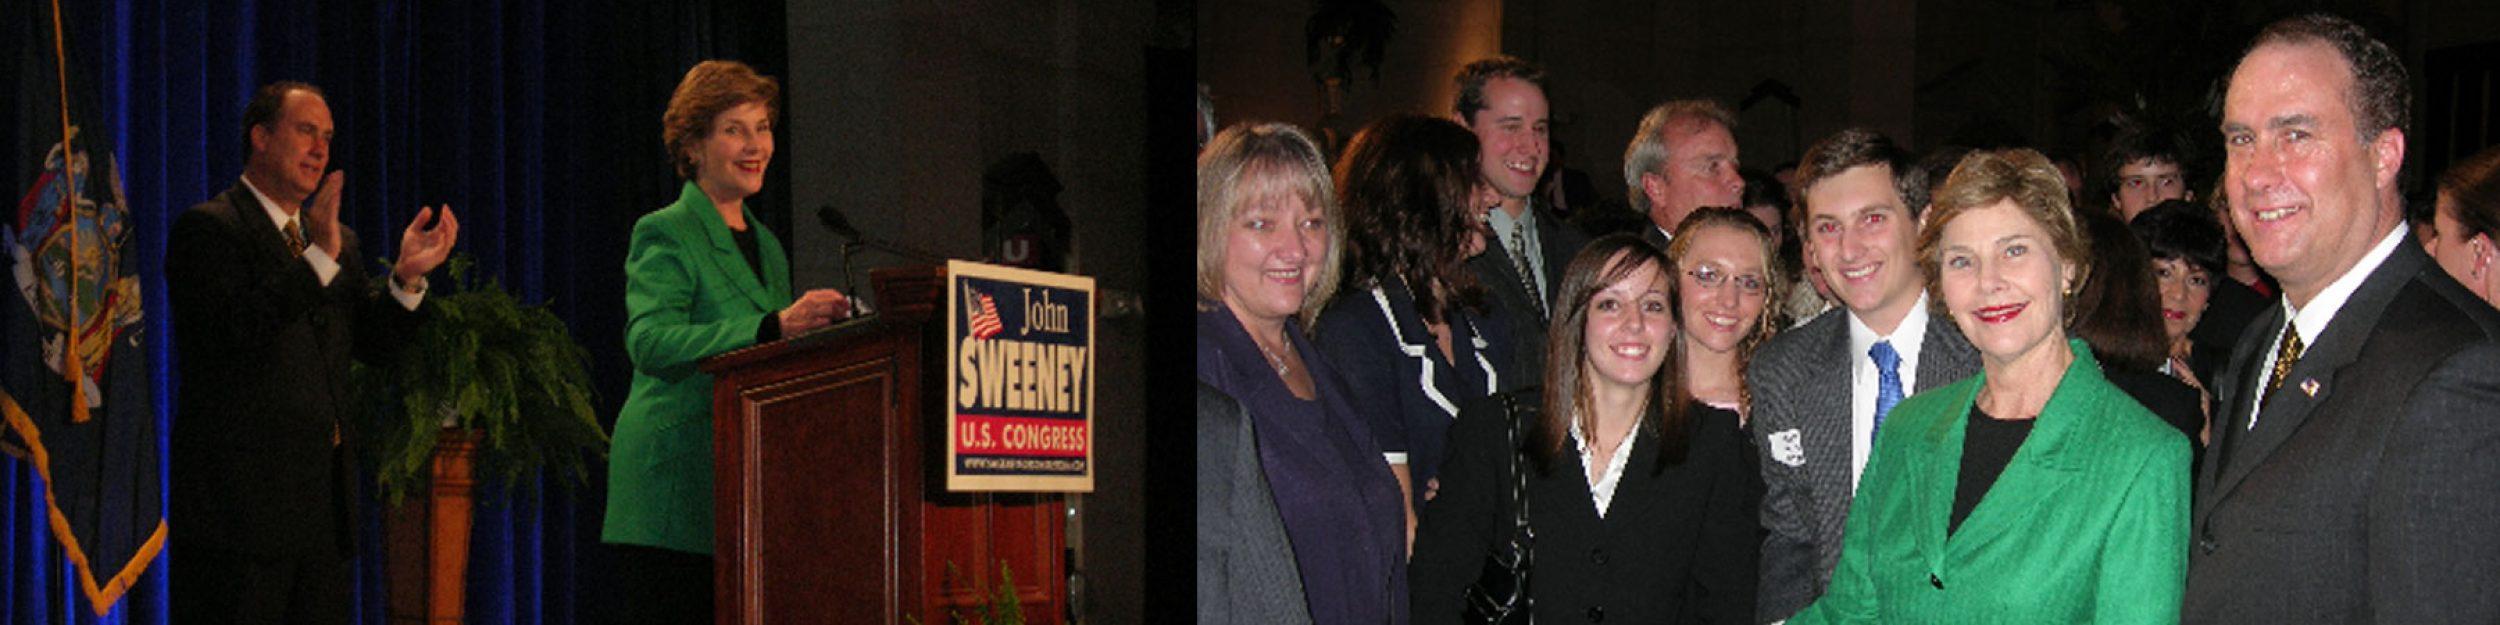 sweeneyforcongress2006.com